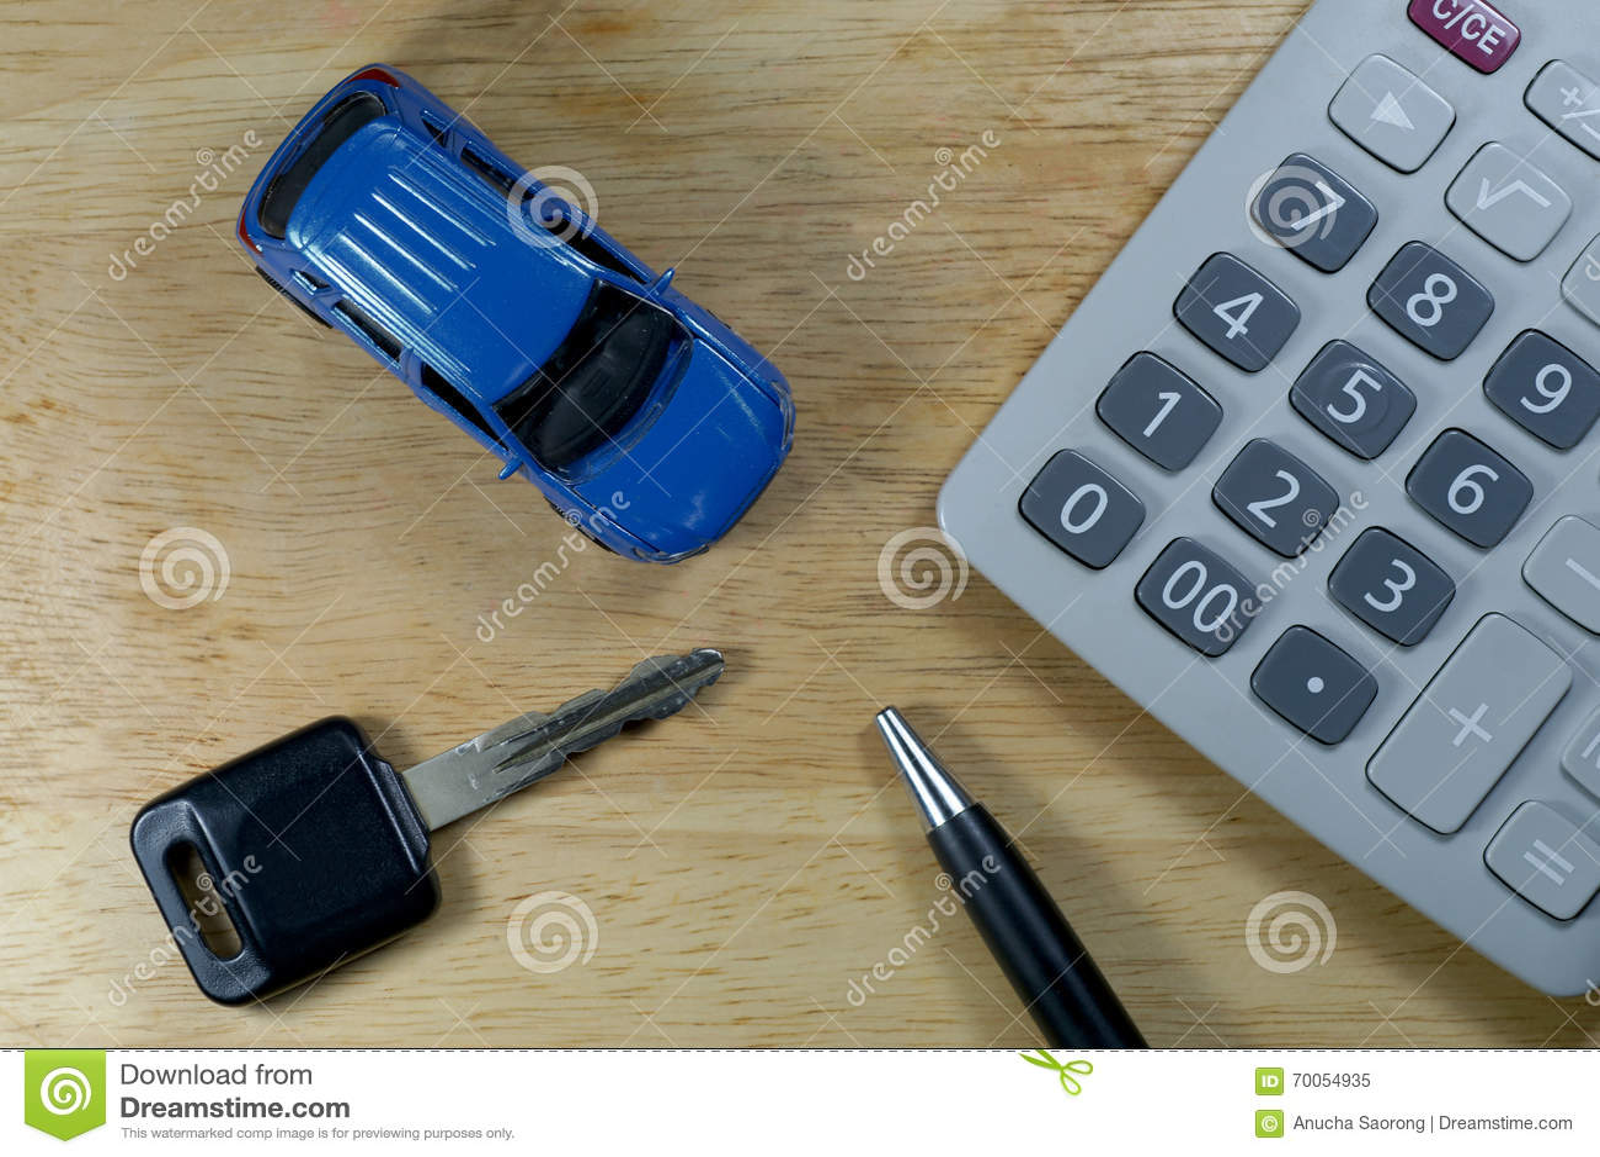 rent vs buy car calculator